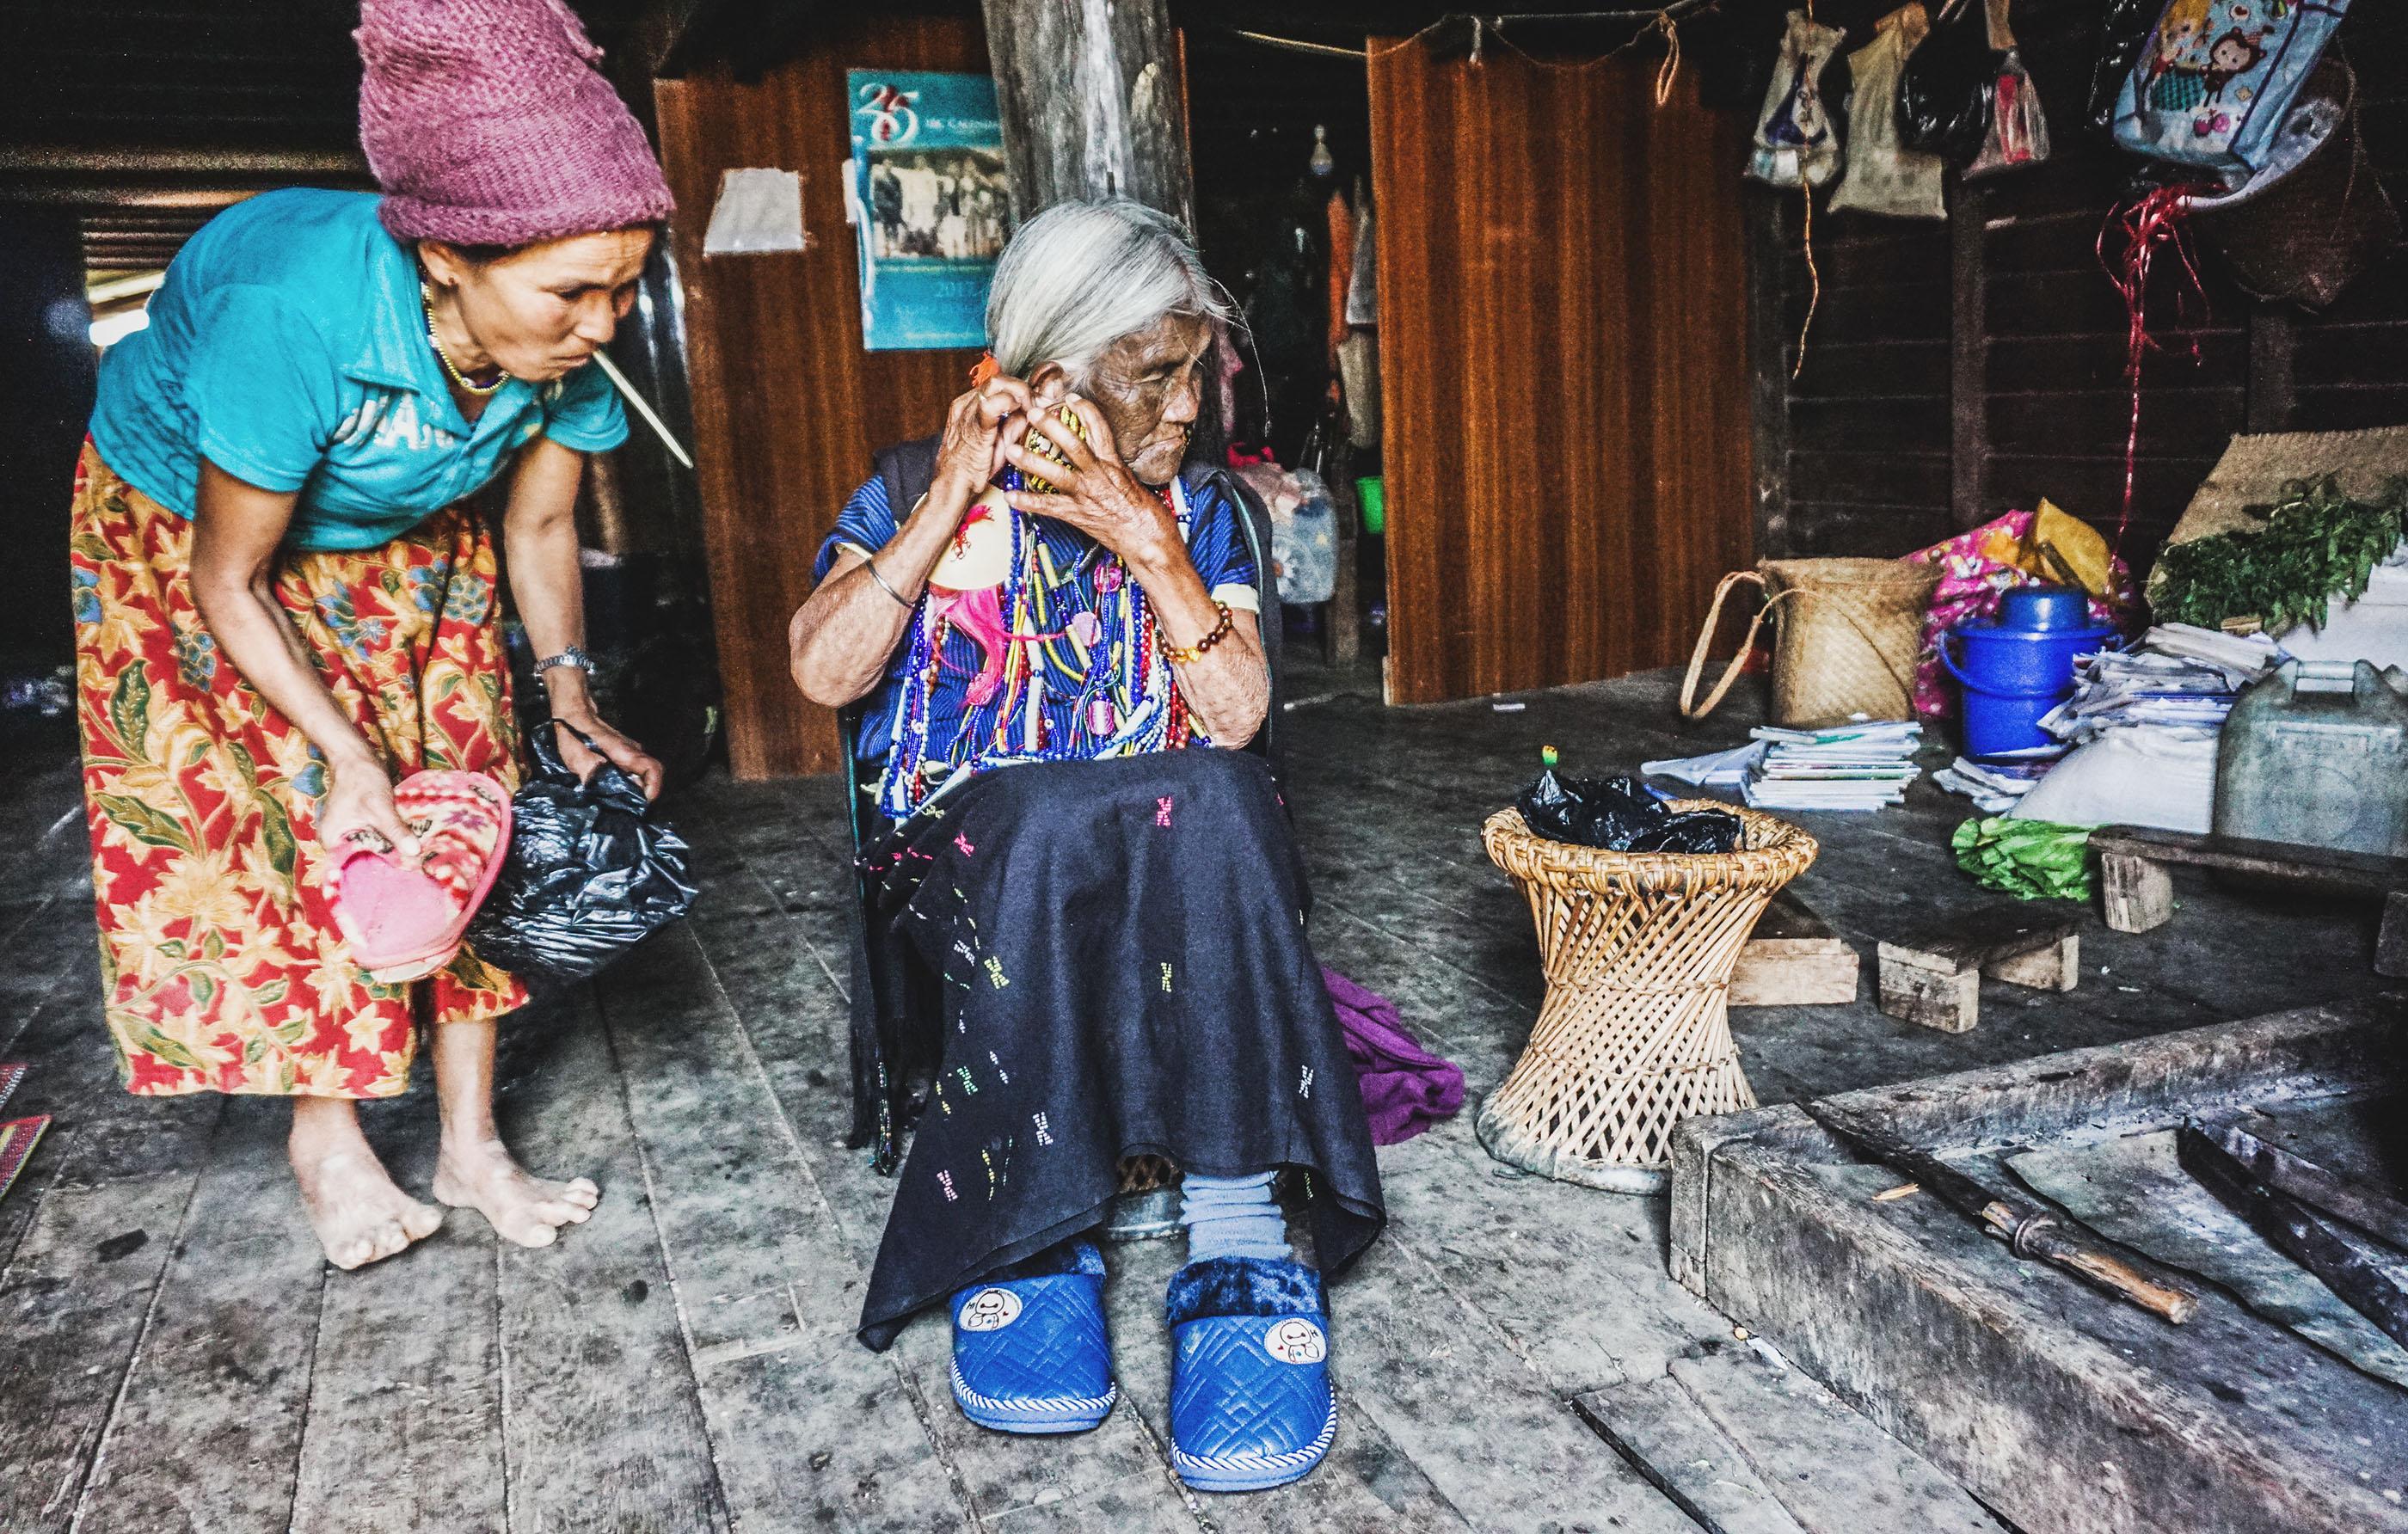 Trước khi bắt đầu diễn một màn thổi sáo bằng mũi, bà Yaw Shen luôn cố gắng mang đầy đủ đồ trang sức và bộ quần áo đẹp nhất. Bà cũng cho biết niềm vui của bà là mỗi khi có du khách ghé thăm, bà lại được khoác lên mình những thứ trang sức cổ xưa, đã gắn bó cả cuộc đời với bà.